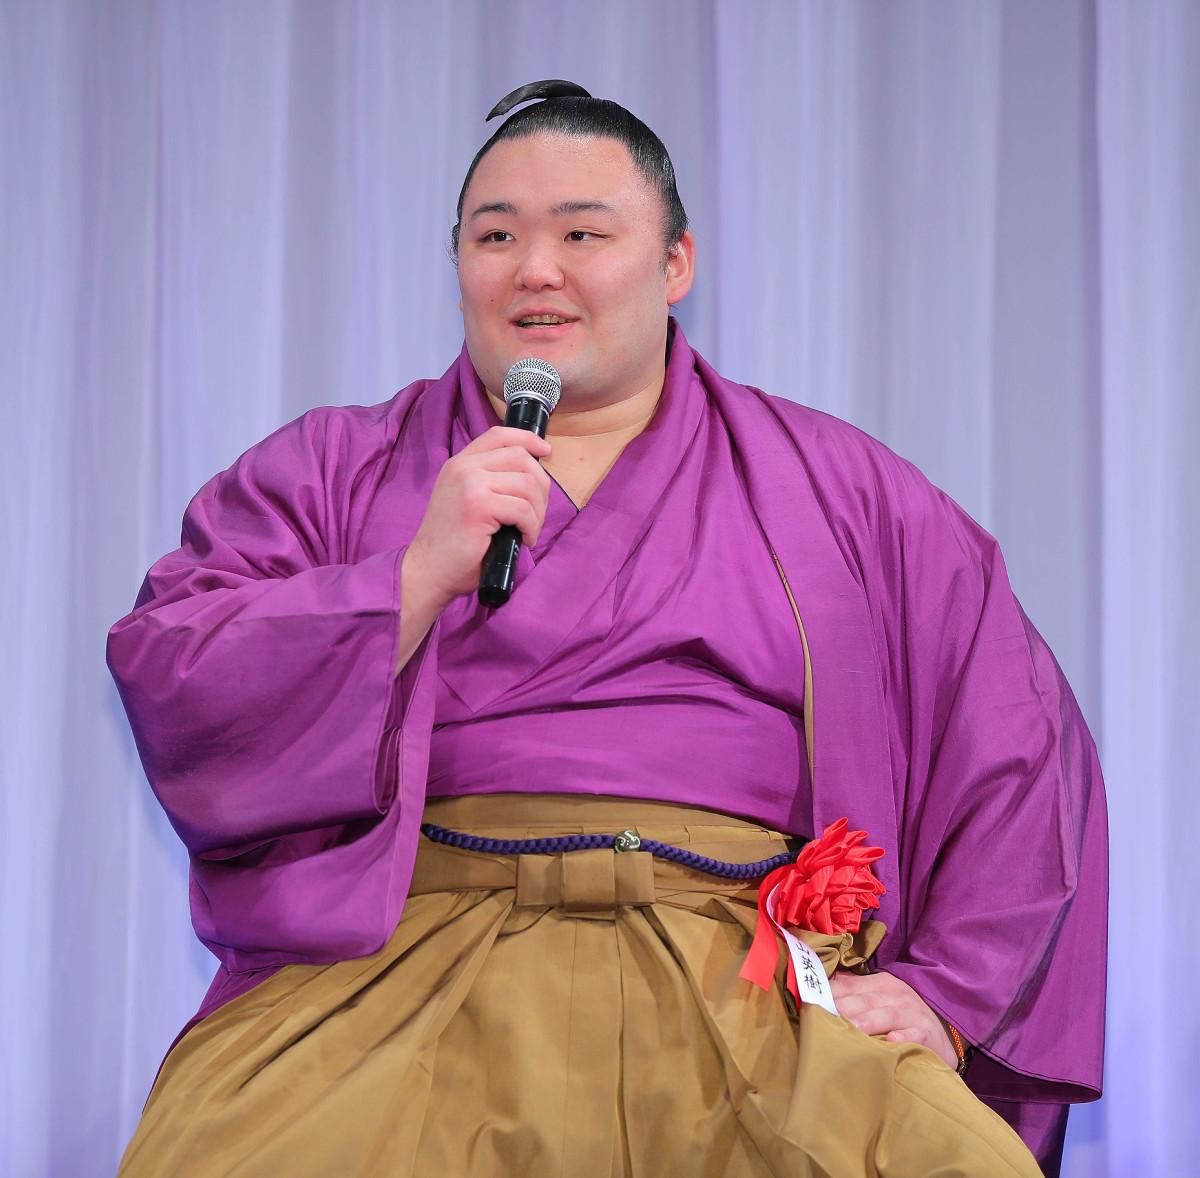 朝乃山、「大関」という言葉は封印「来場所2ケタ勝つまでは口に出してはいけない」…報知プロスポーツ大賞表彰式